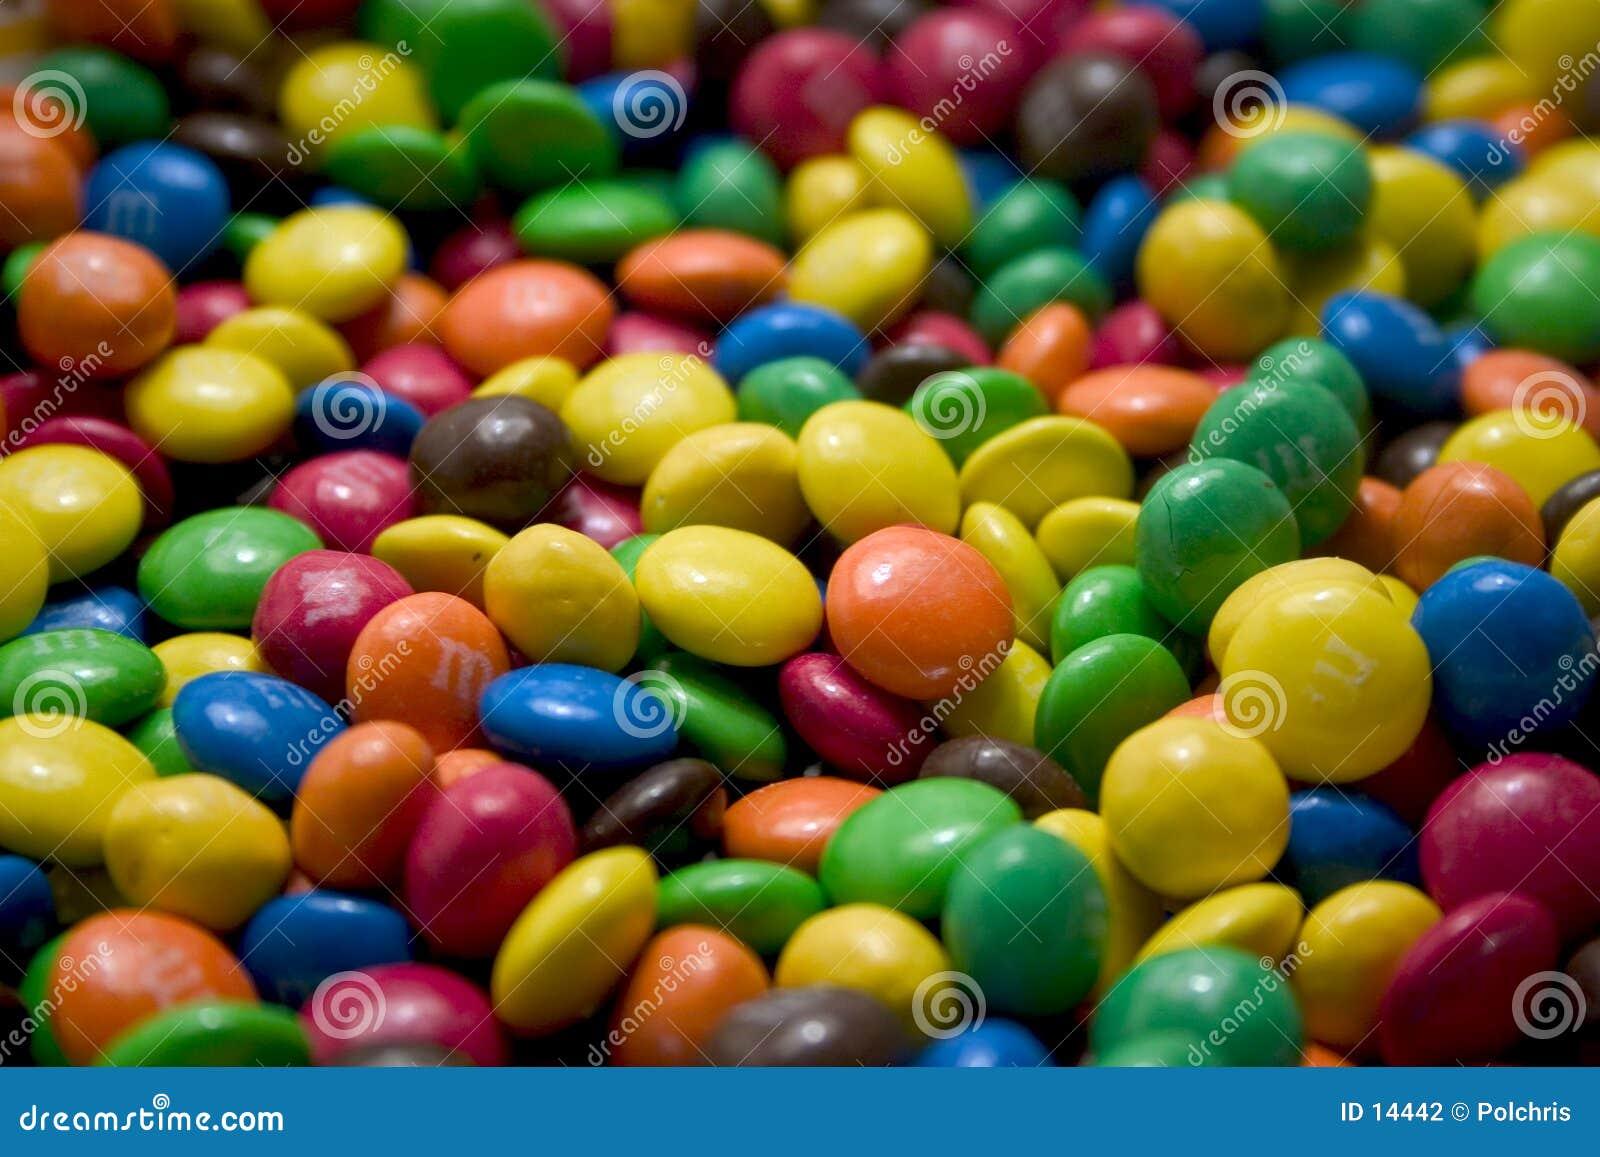 Caramelle di cioccolato